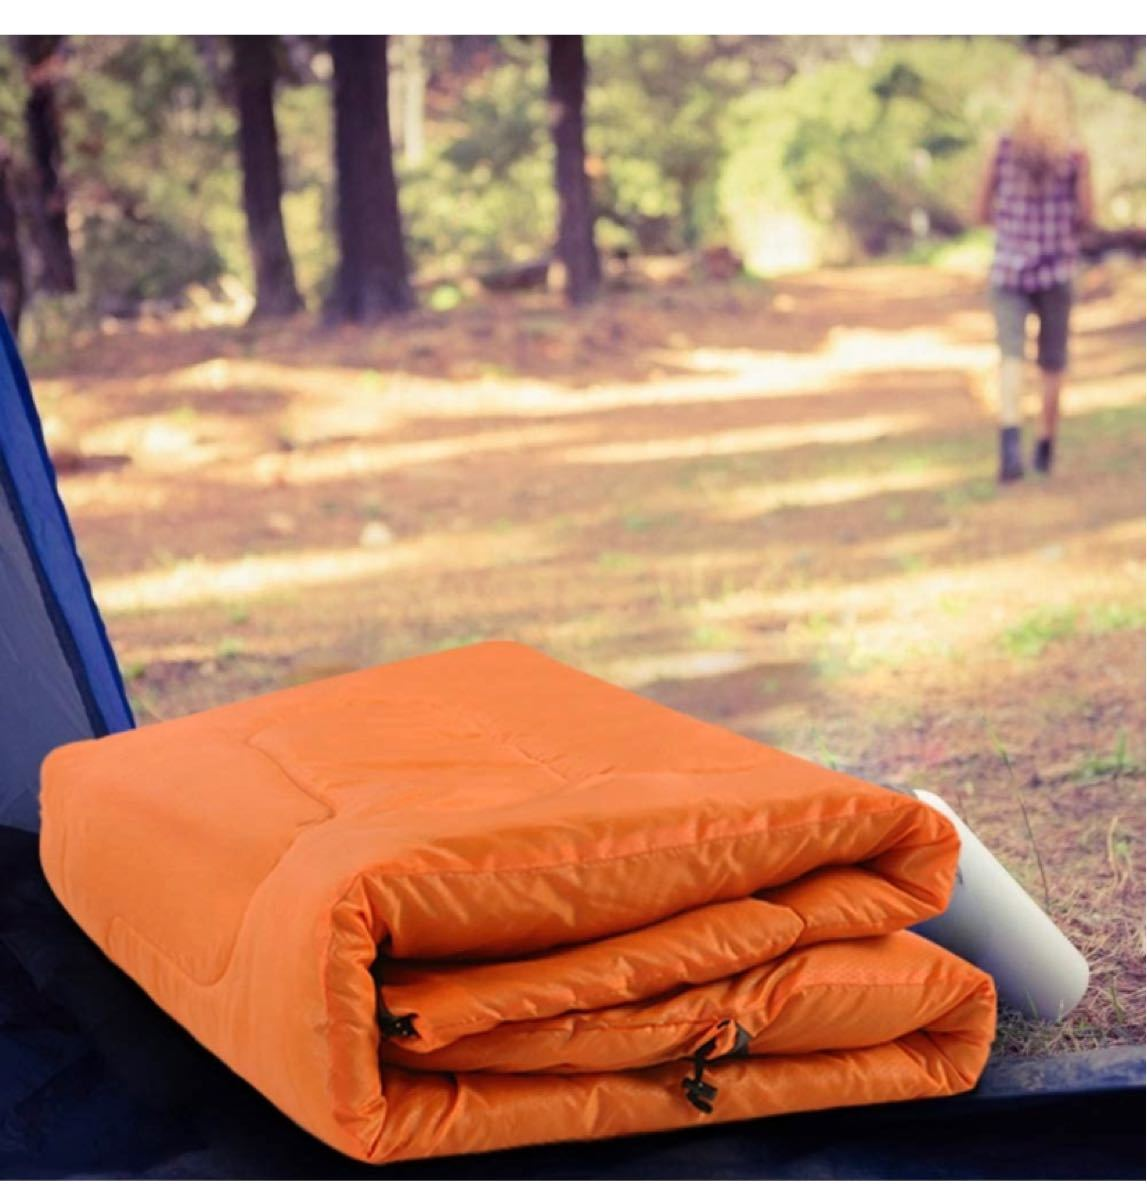 封筒型寝袋 軽量 保温 防水 簡単収納シュラフ 登山 キャンプ  1.35kg